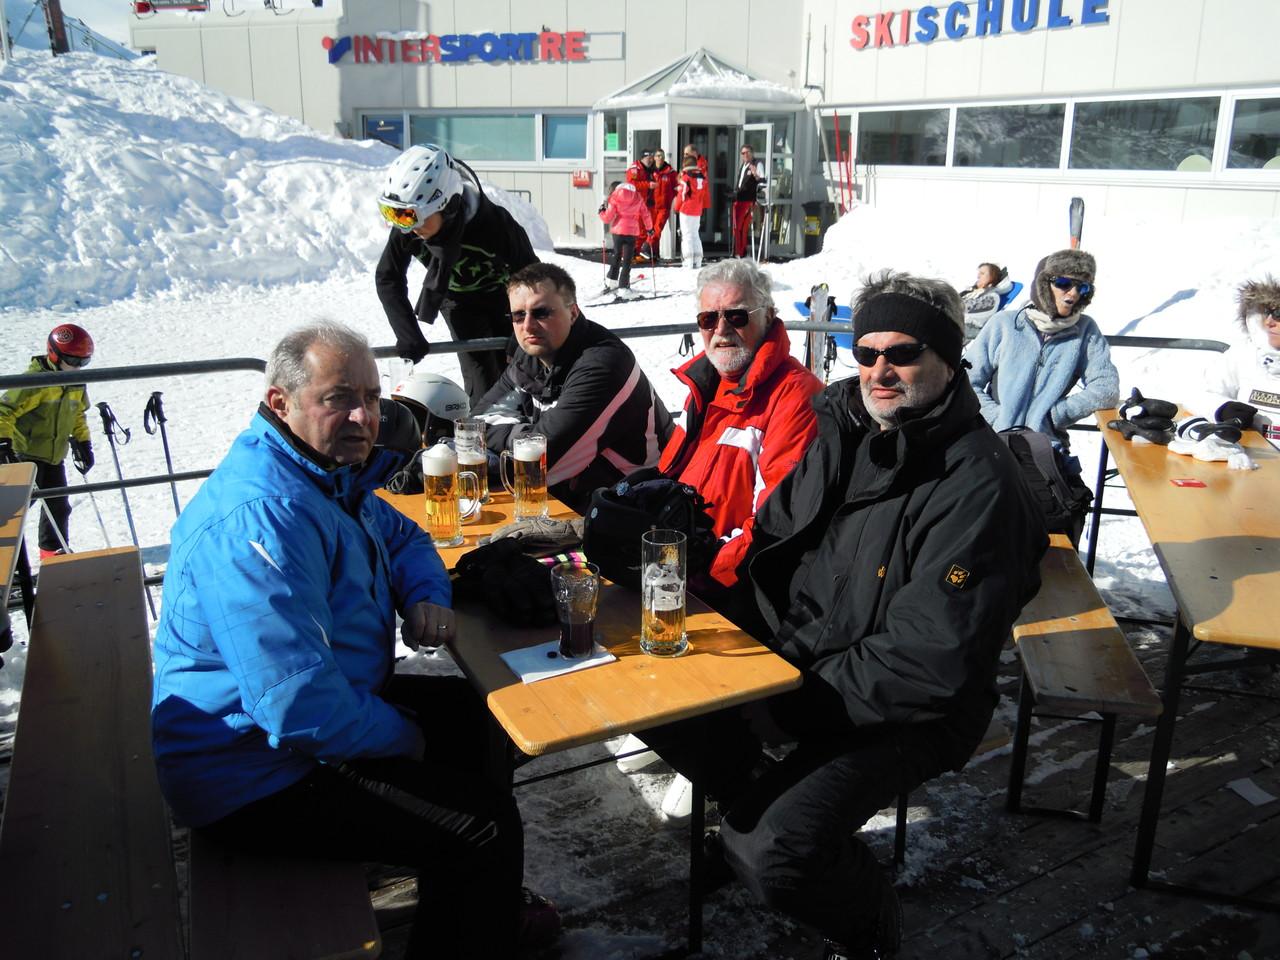 Mittagsrast am Gletscher